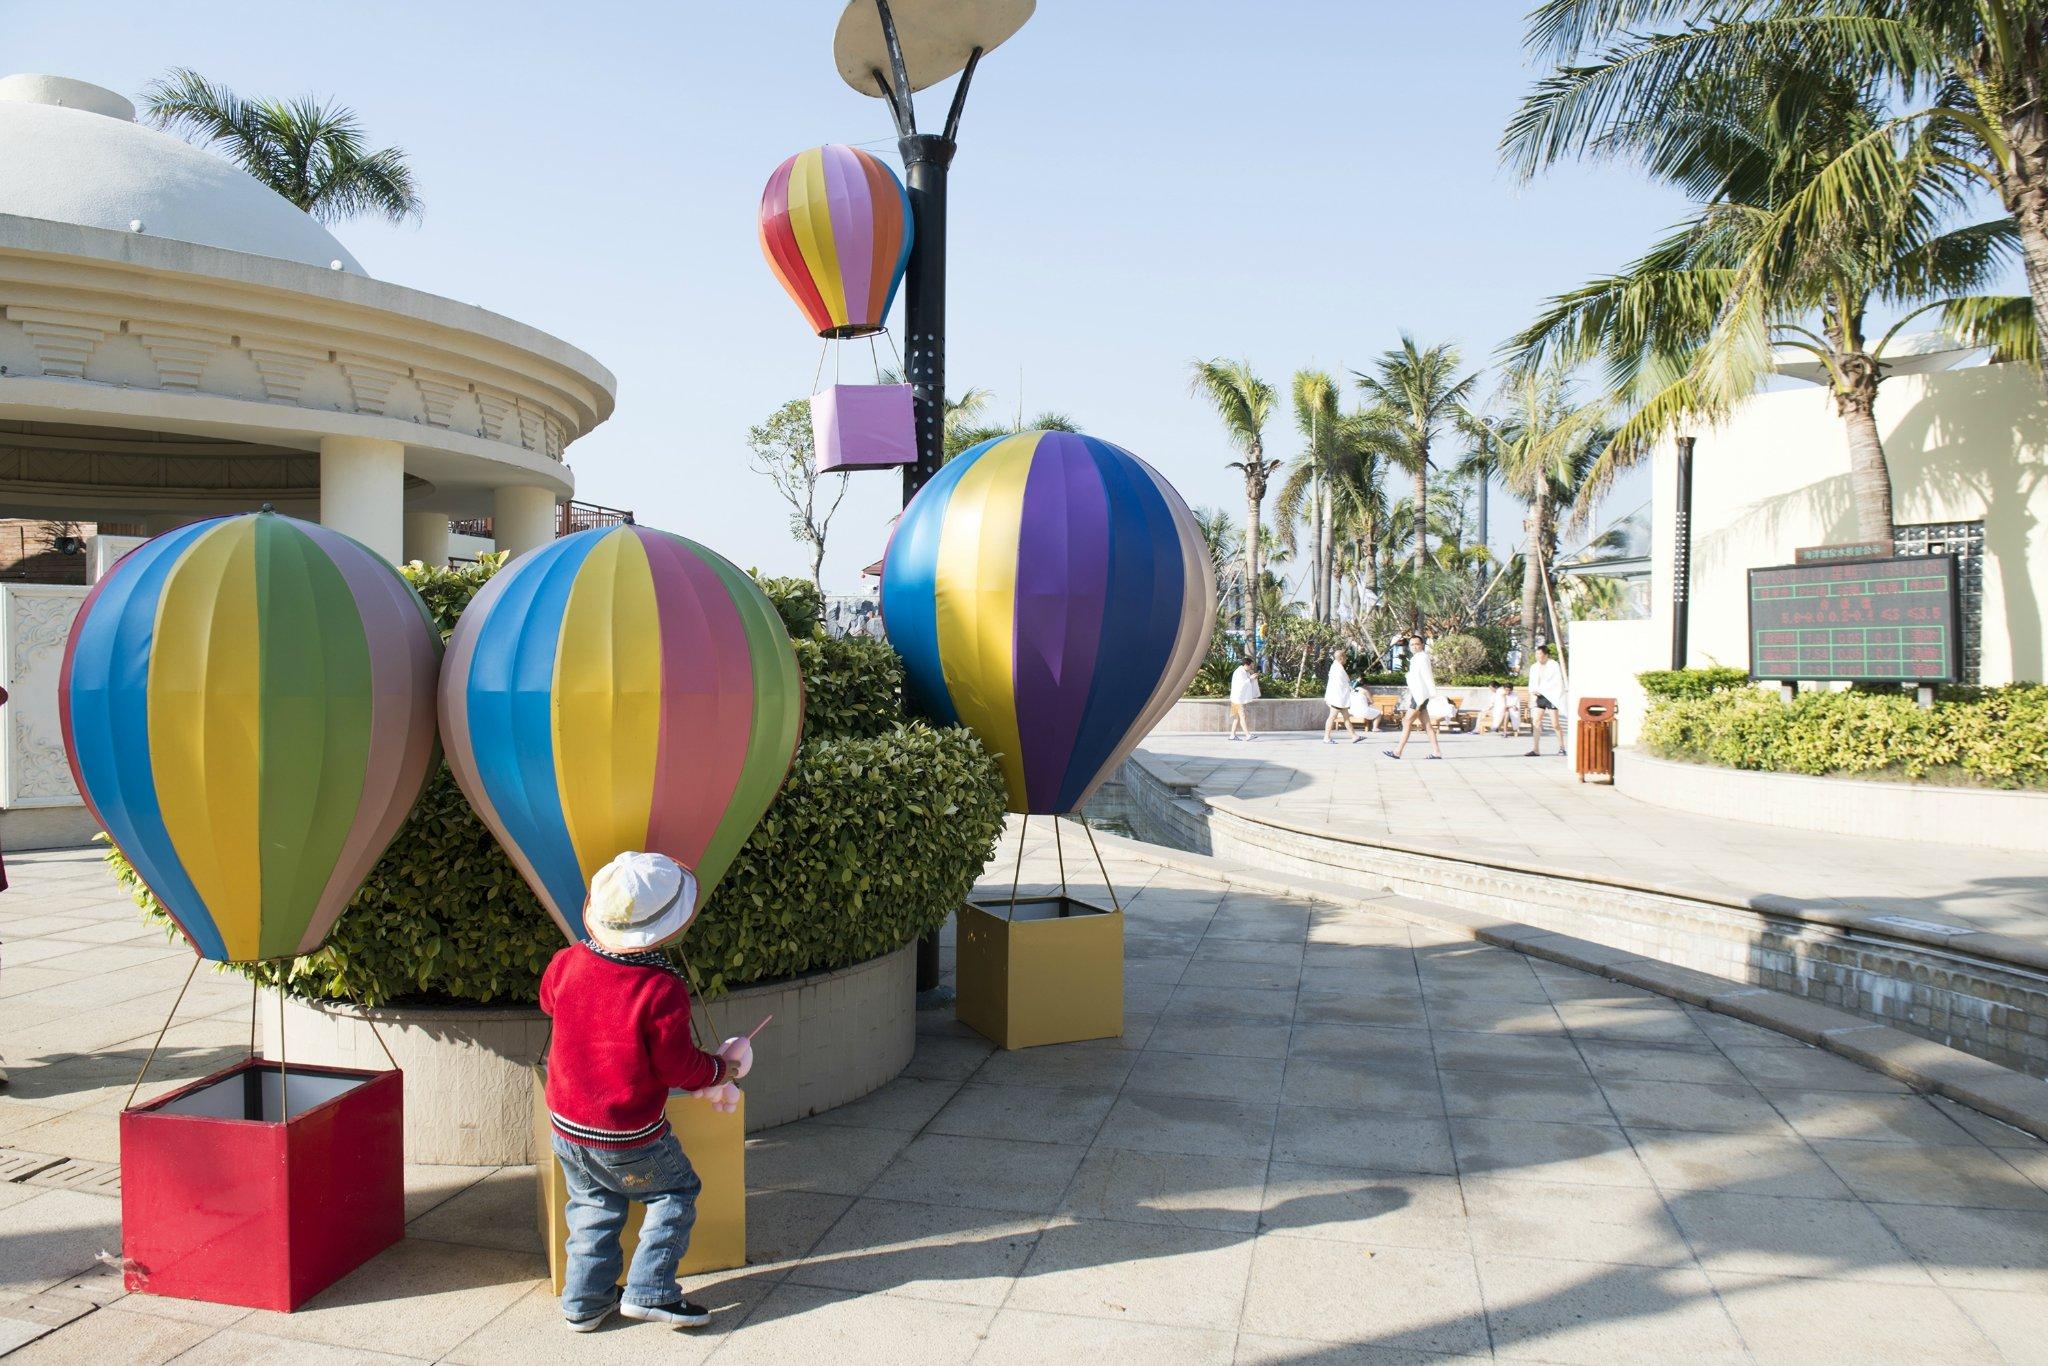 珠海海泉湾玩法度假区,v玩法温泉,自助游,自驾游葫芦娃游戏的攻略图片